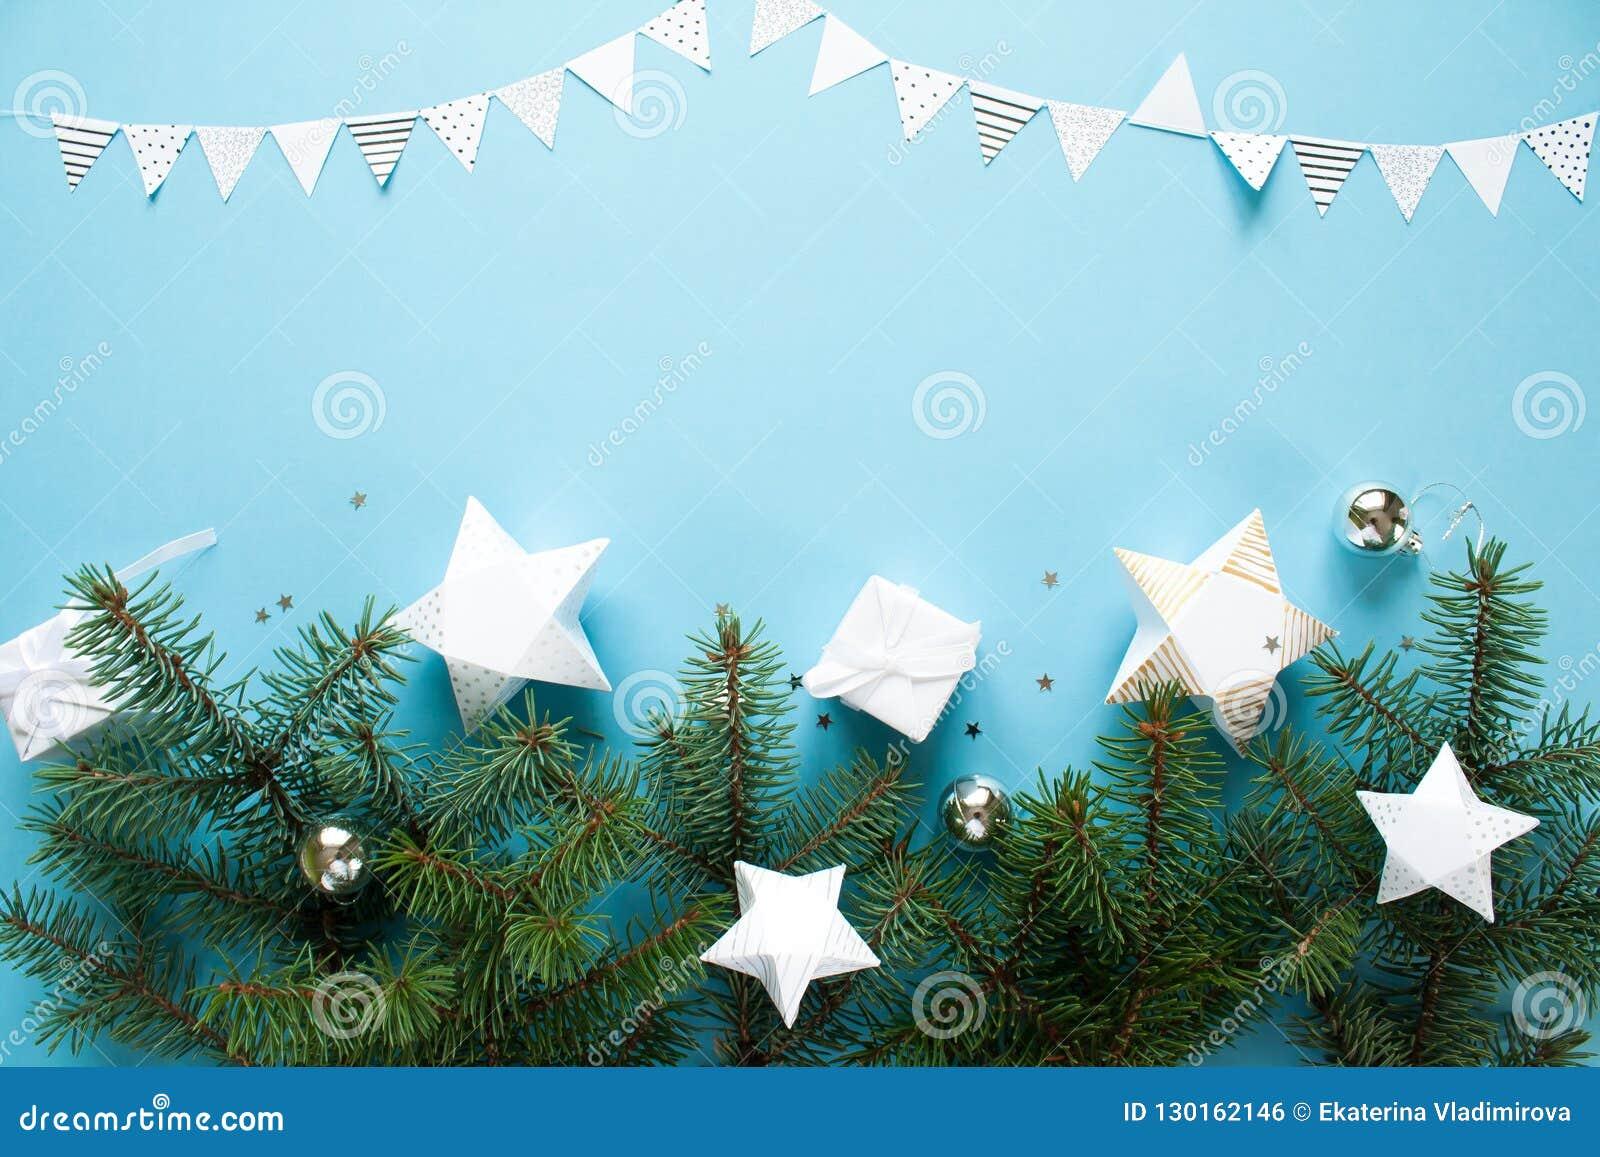 Feliz Navidad Y Feliz Año Nuevo Fondo Para Una Tarjeta De La